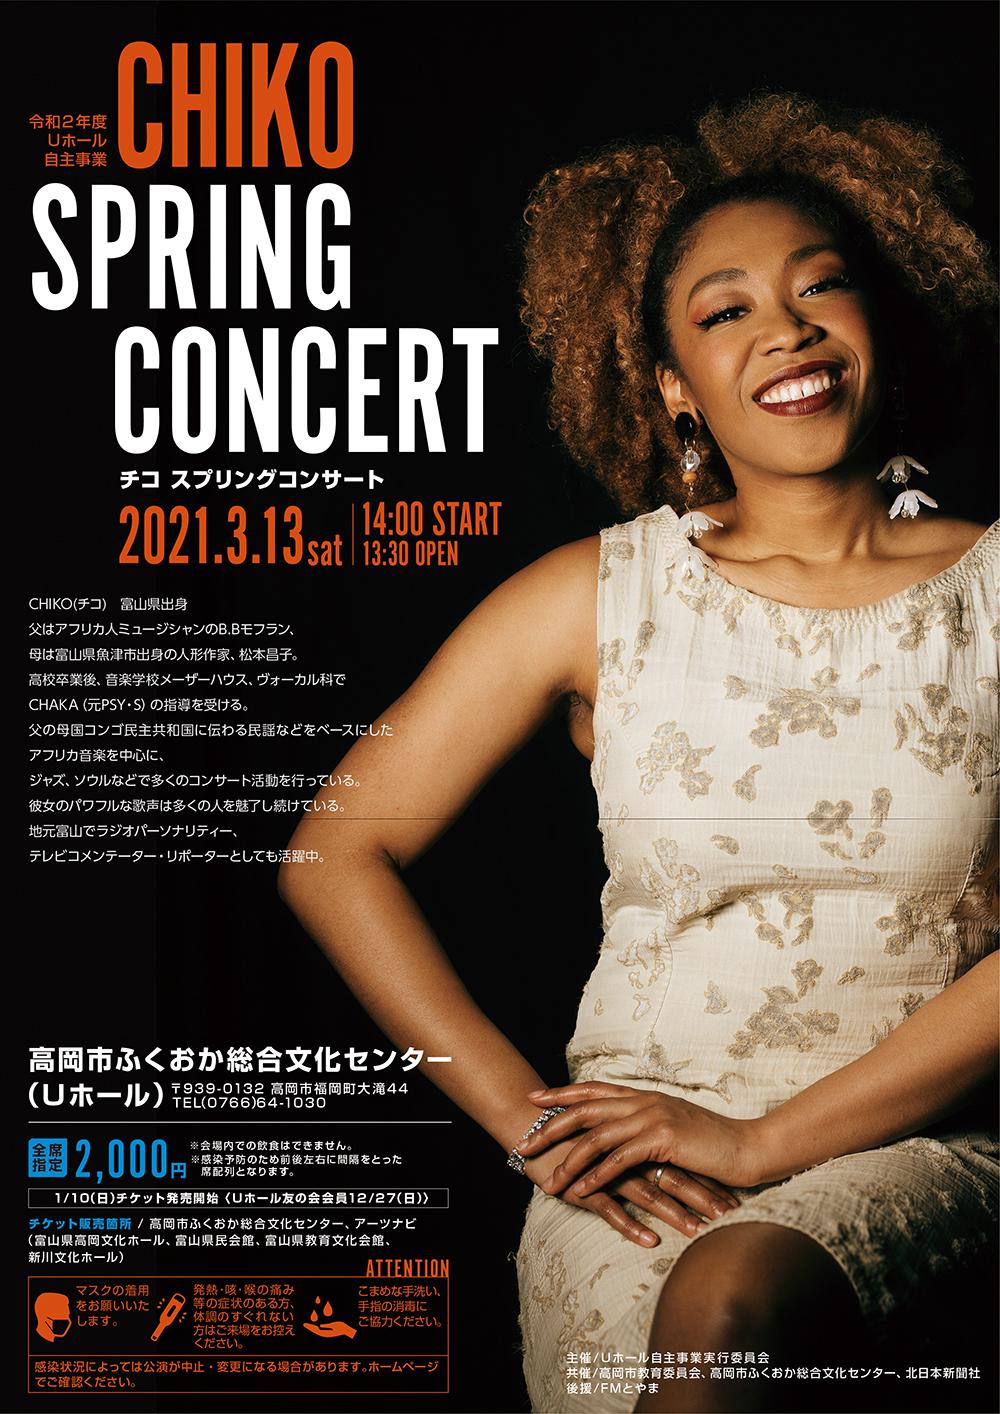 CHIKOさんのコンサートのチラシ・ポスター・チケットを作成しました。シックなイメージで仕上げました。